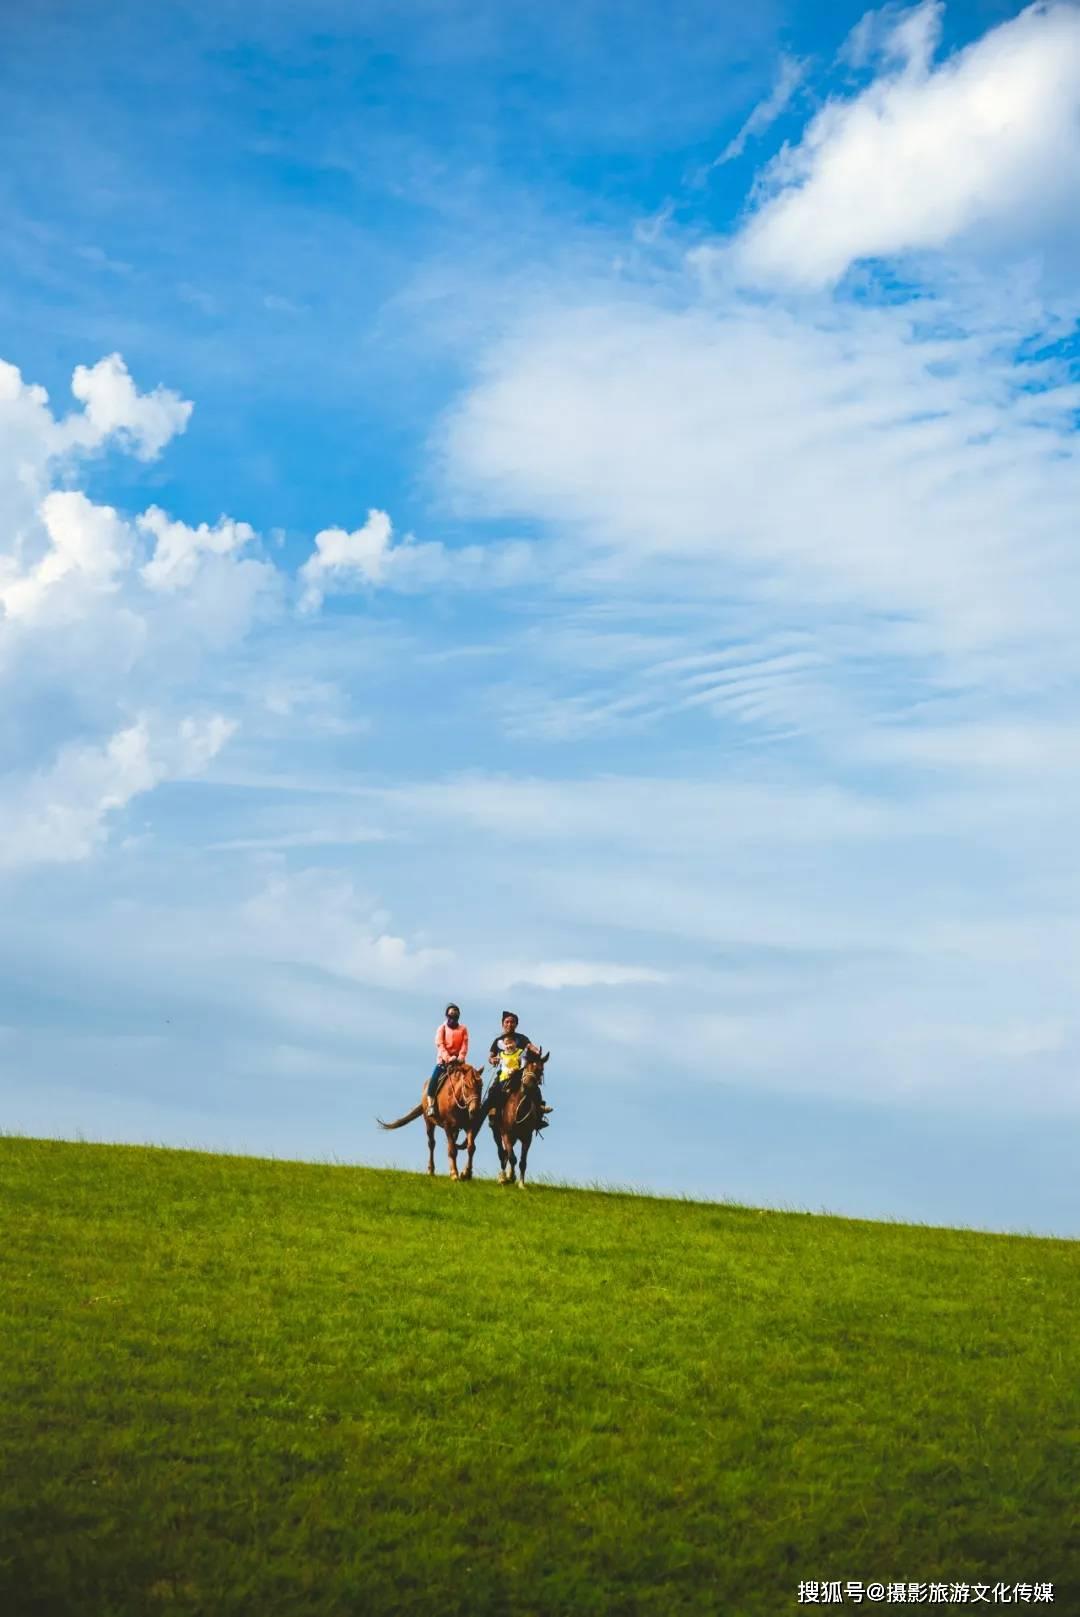 从天边草原海拉尔到浪漫之都大连~赴一场6月的约会